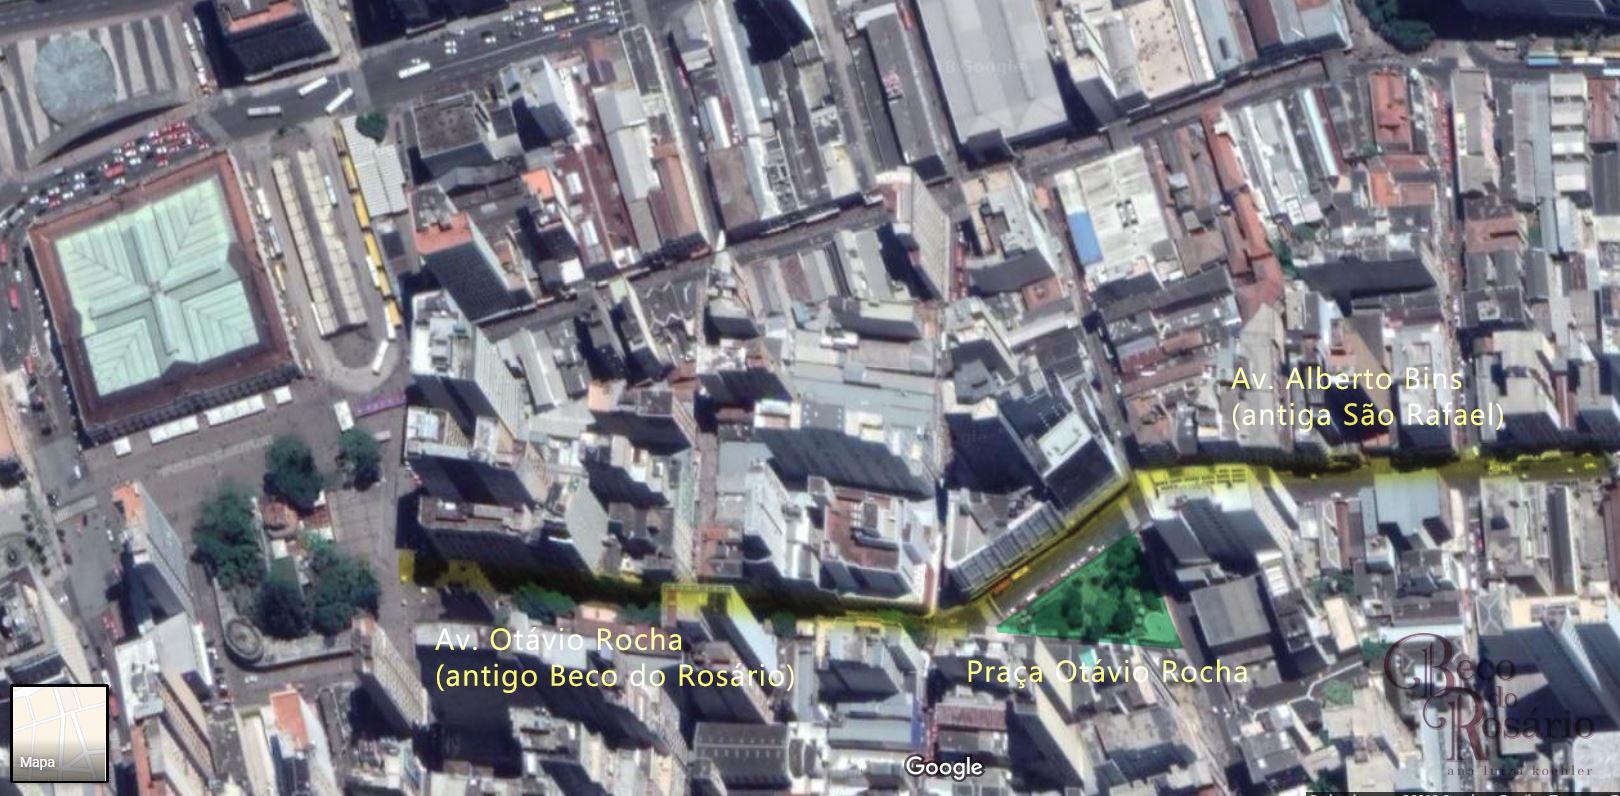 Traçado atual das avenidas Otávio Rocha e Alberto Bins com a praça Otávio Rocha. Edição da pesquisadora sobre imagem do Google Earth, 2019.